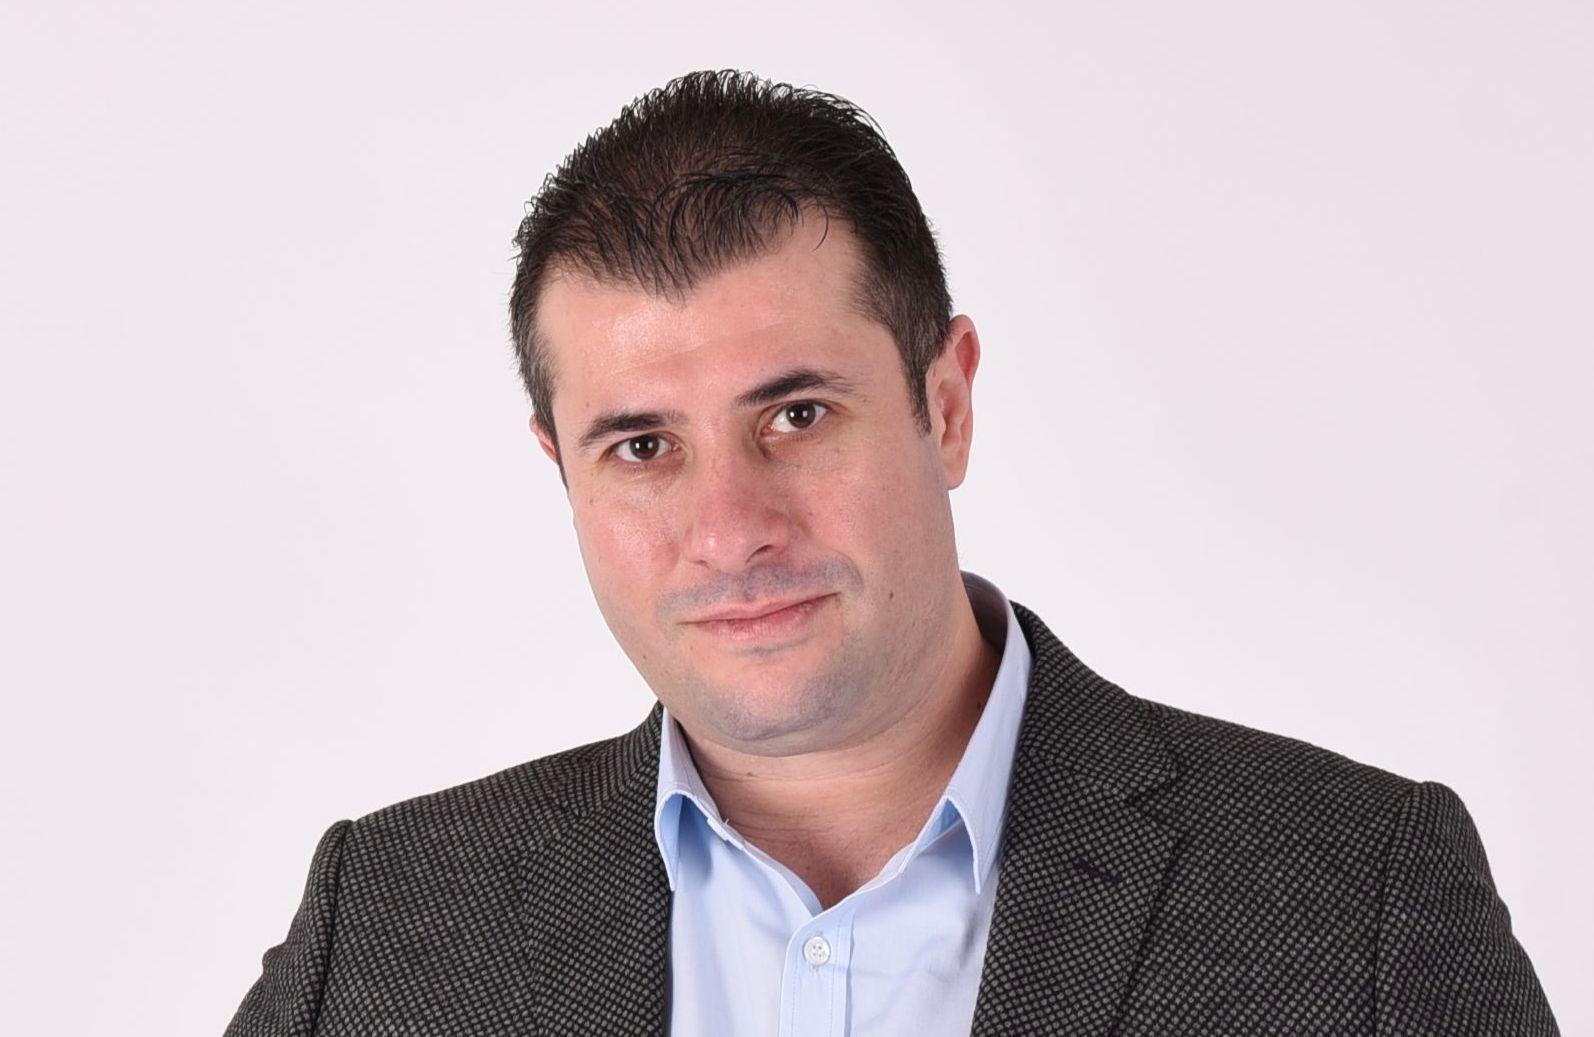 """Станислав Младенов: Още не сме чули левите цели на партията на Петков и Василев по отношение на малките и средни предприятия Темата """"енергетика"""" в момента е толкова важна, че партиите трябва да седнат на масата още сега и да постигнат национален консенсус, категоричен е експертът в Съвета по икономика на БСП – София"""